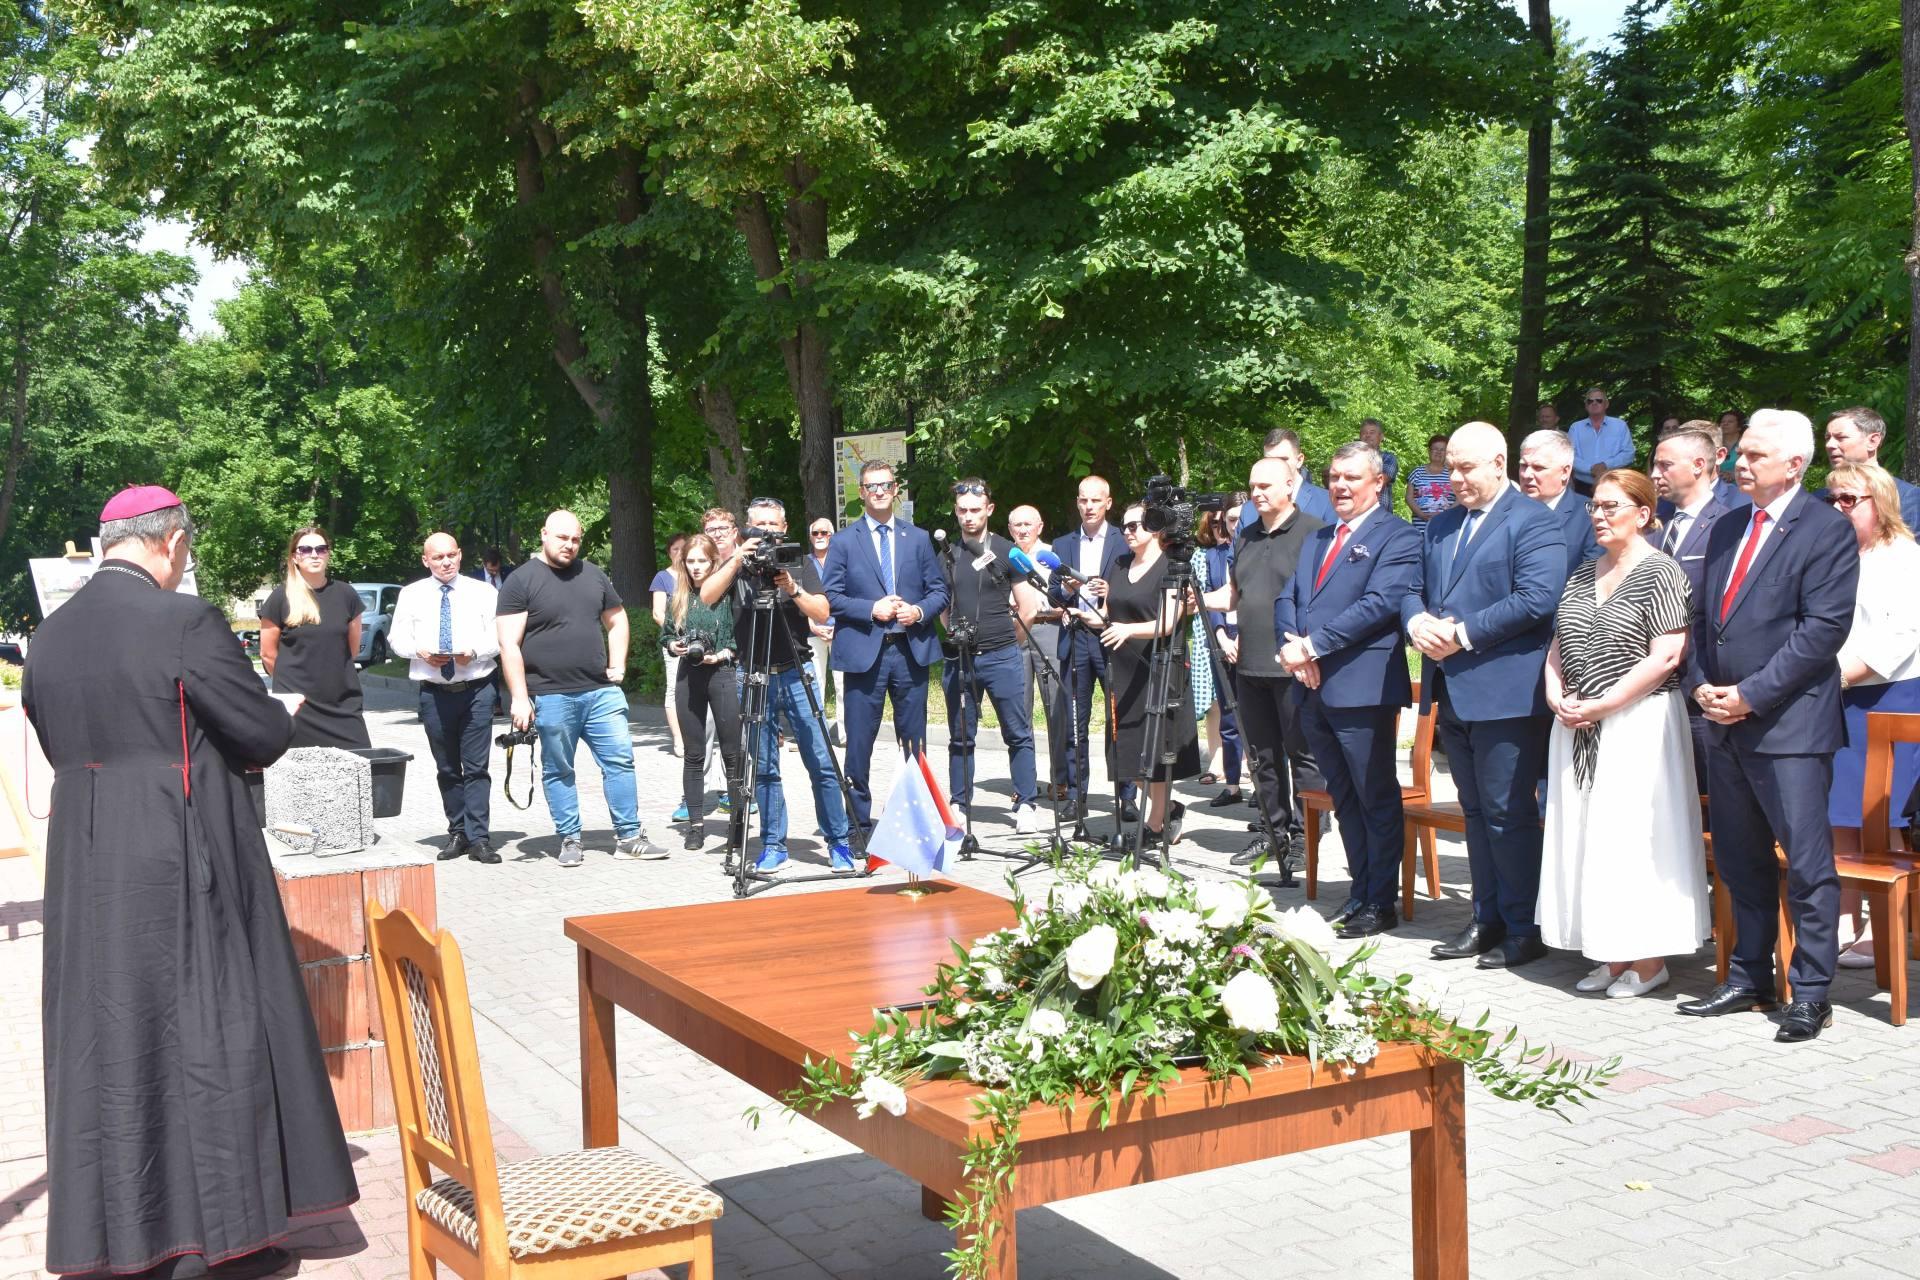 dsc 7511 Za 80 mln zł rozbudowane zostanie sanatorium w Krasnobrodzie.